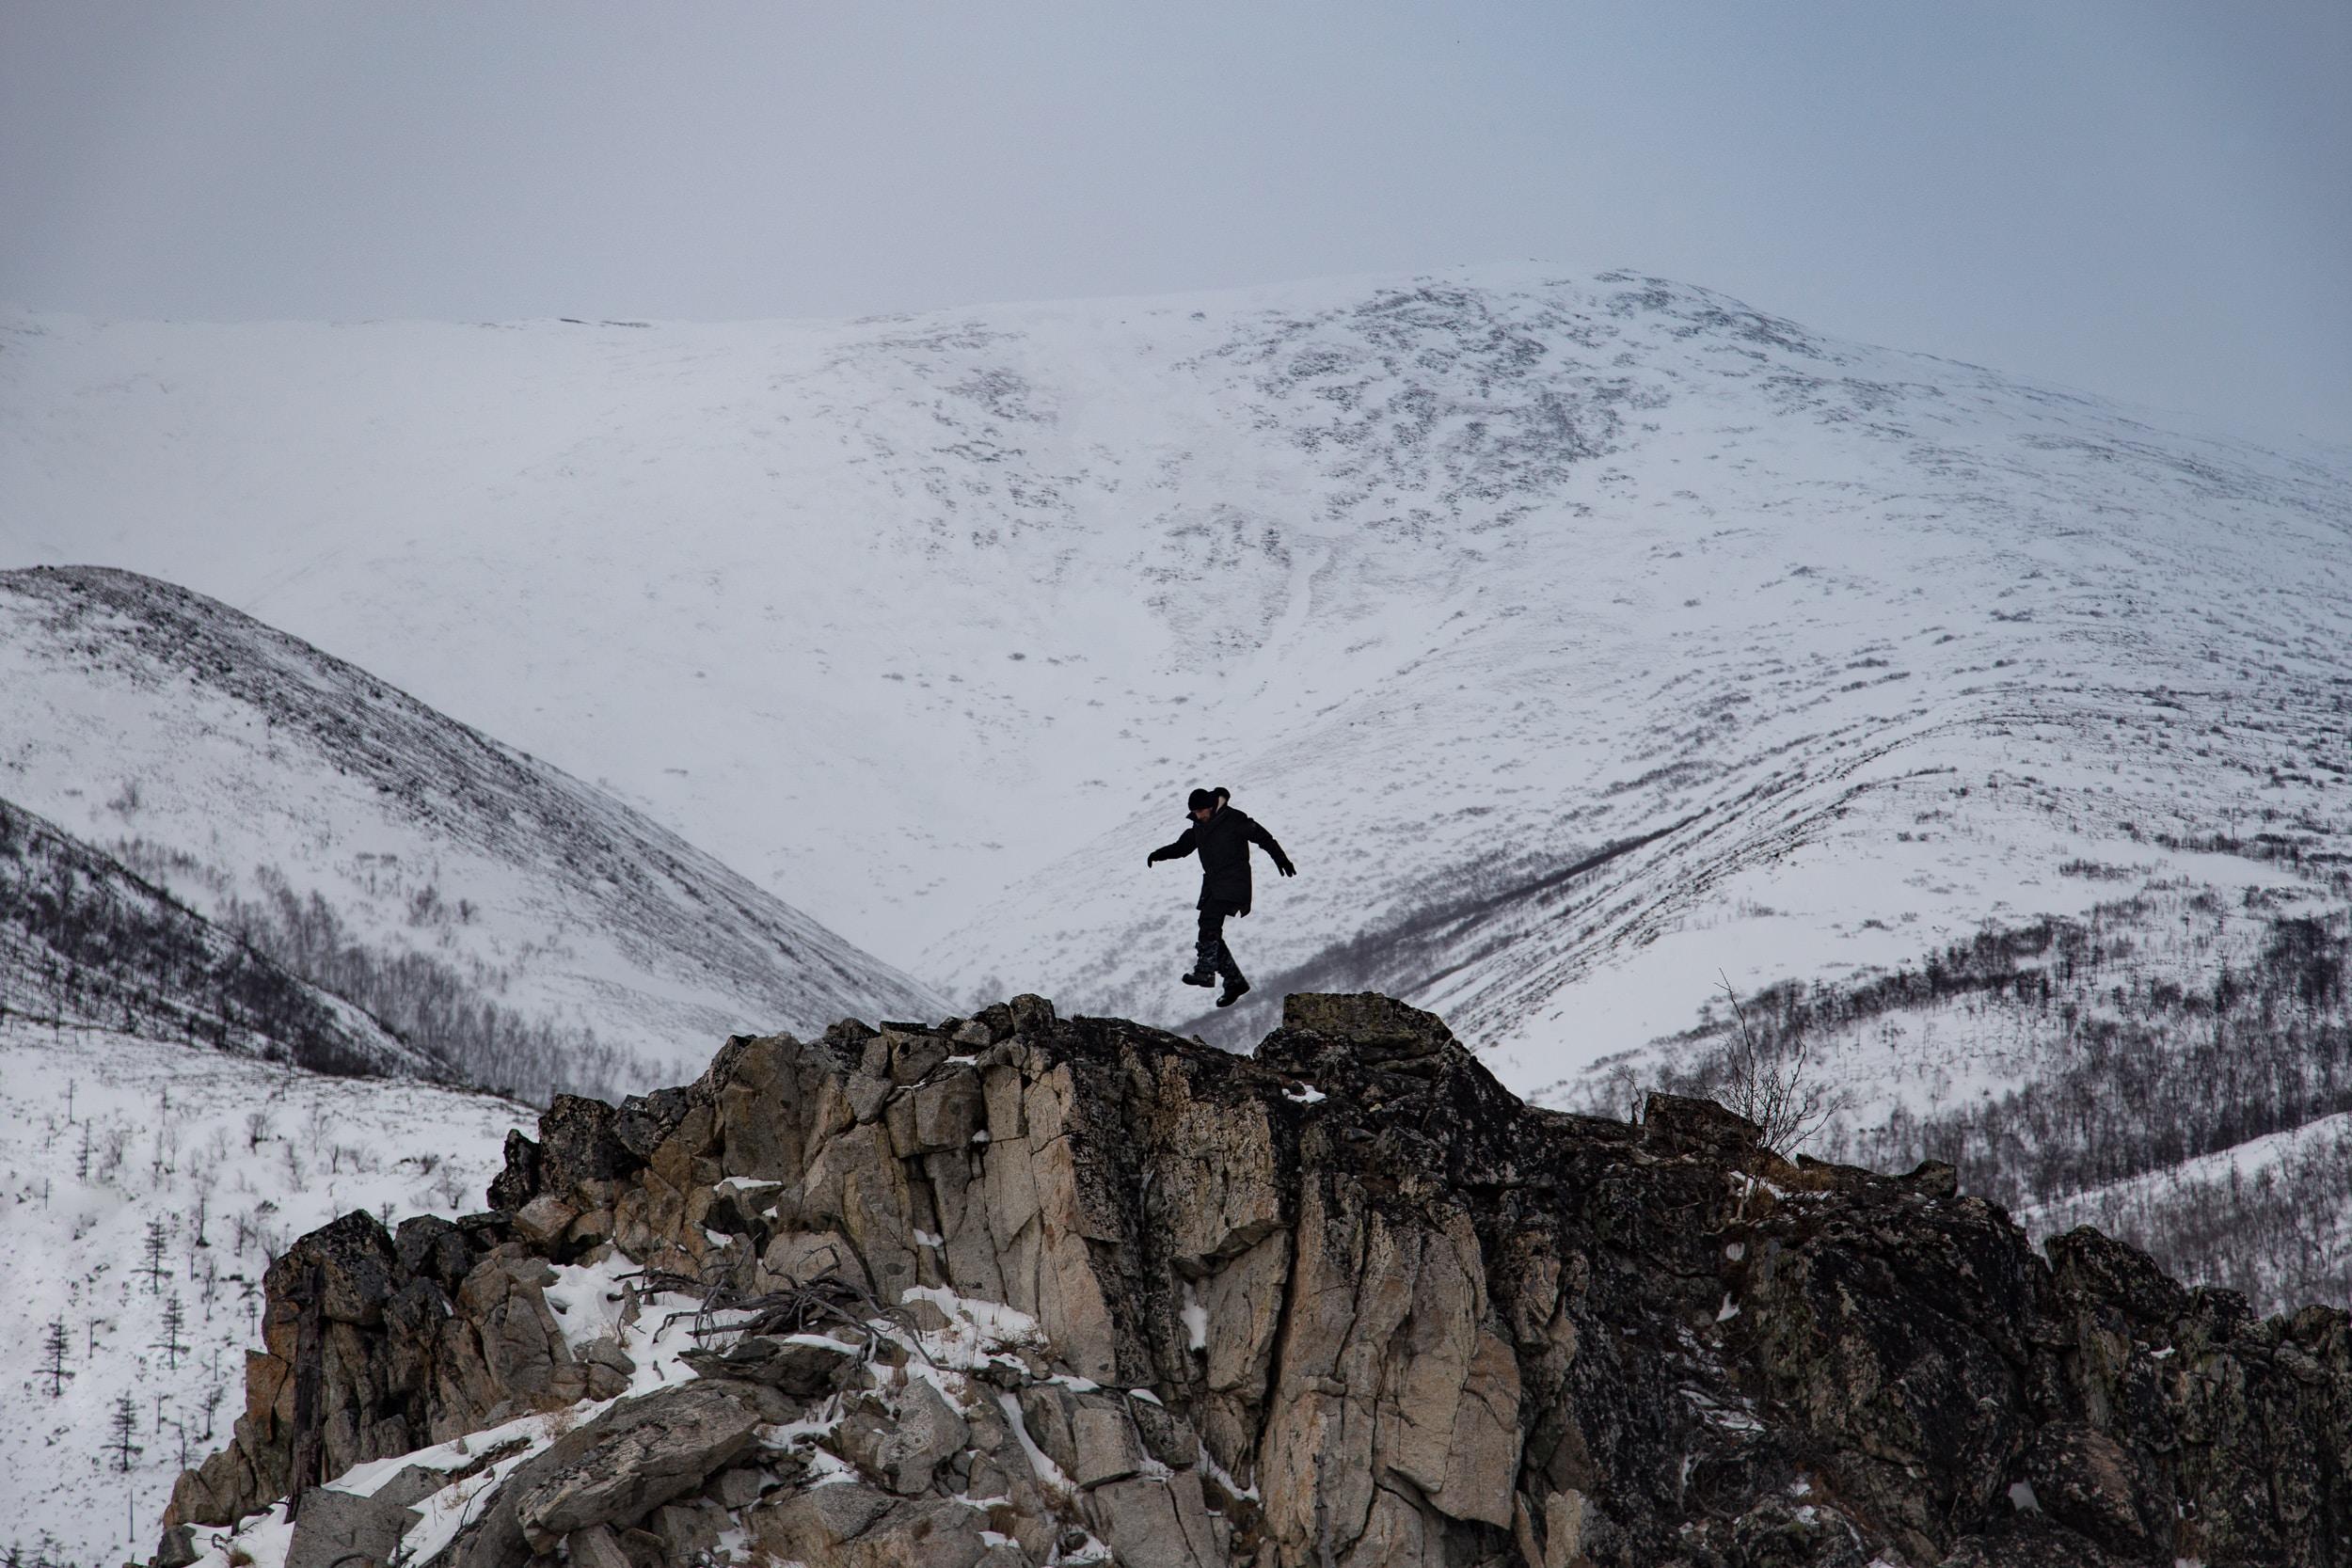 man climbing mountain of snow